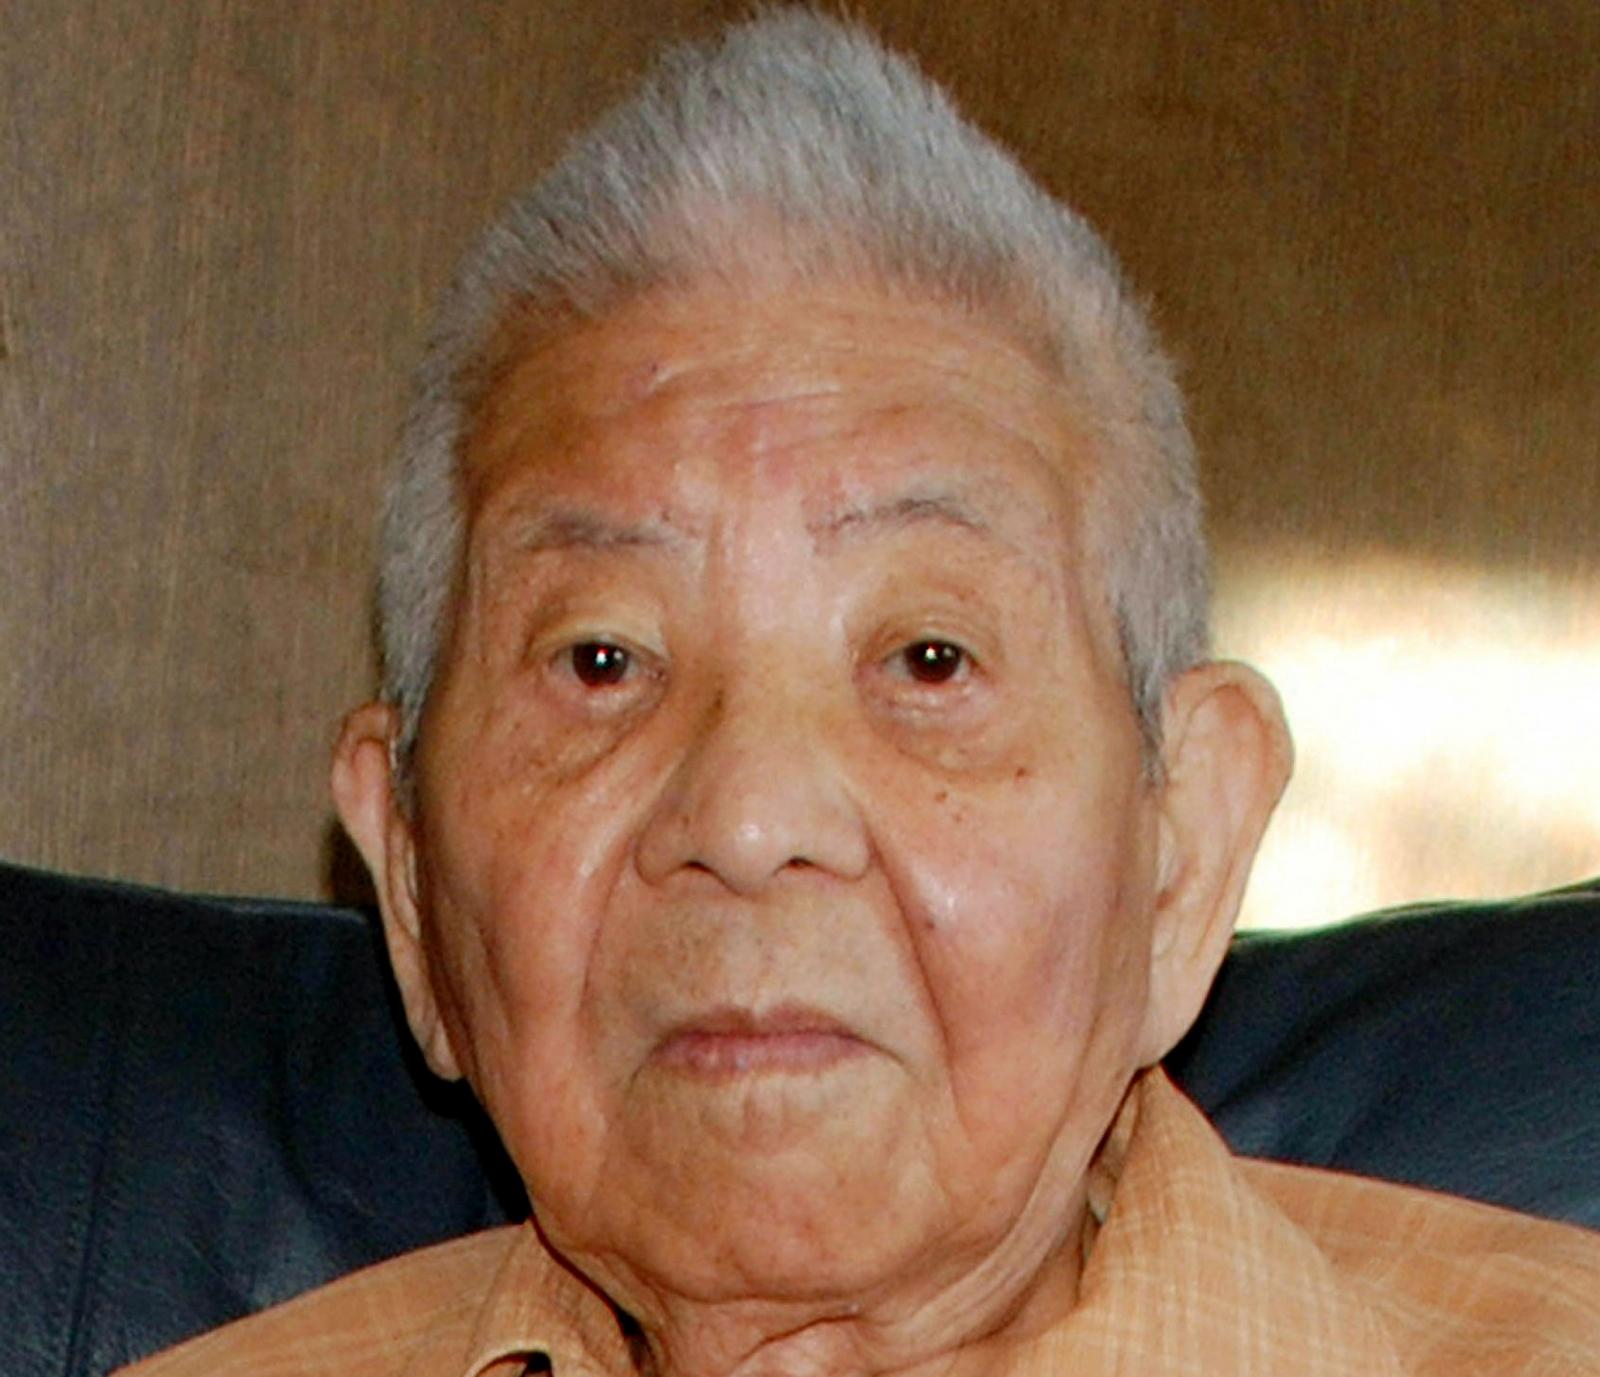 Tsutomu Yamaguchi atom bomb Hiroshima Nagasaki